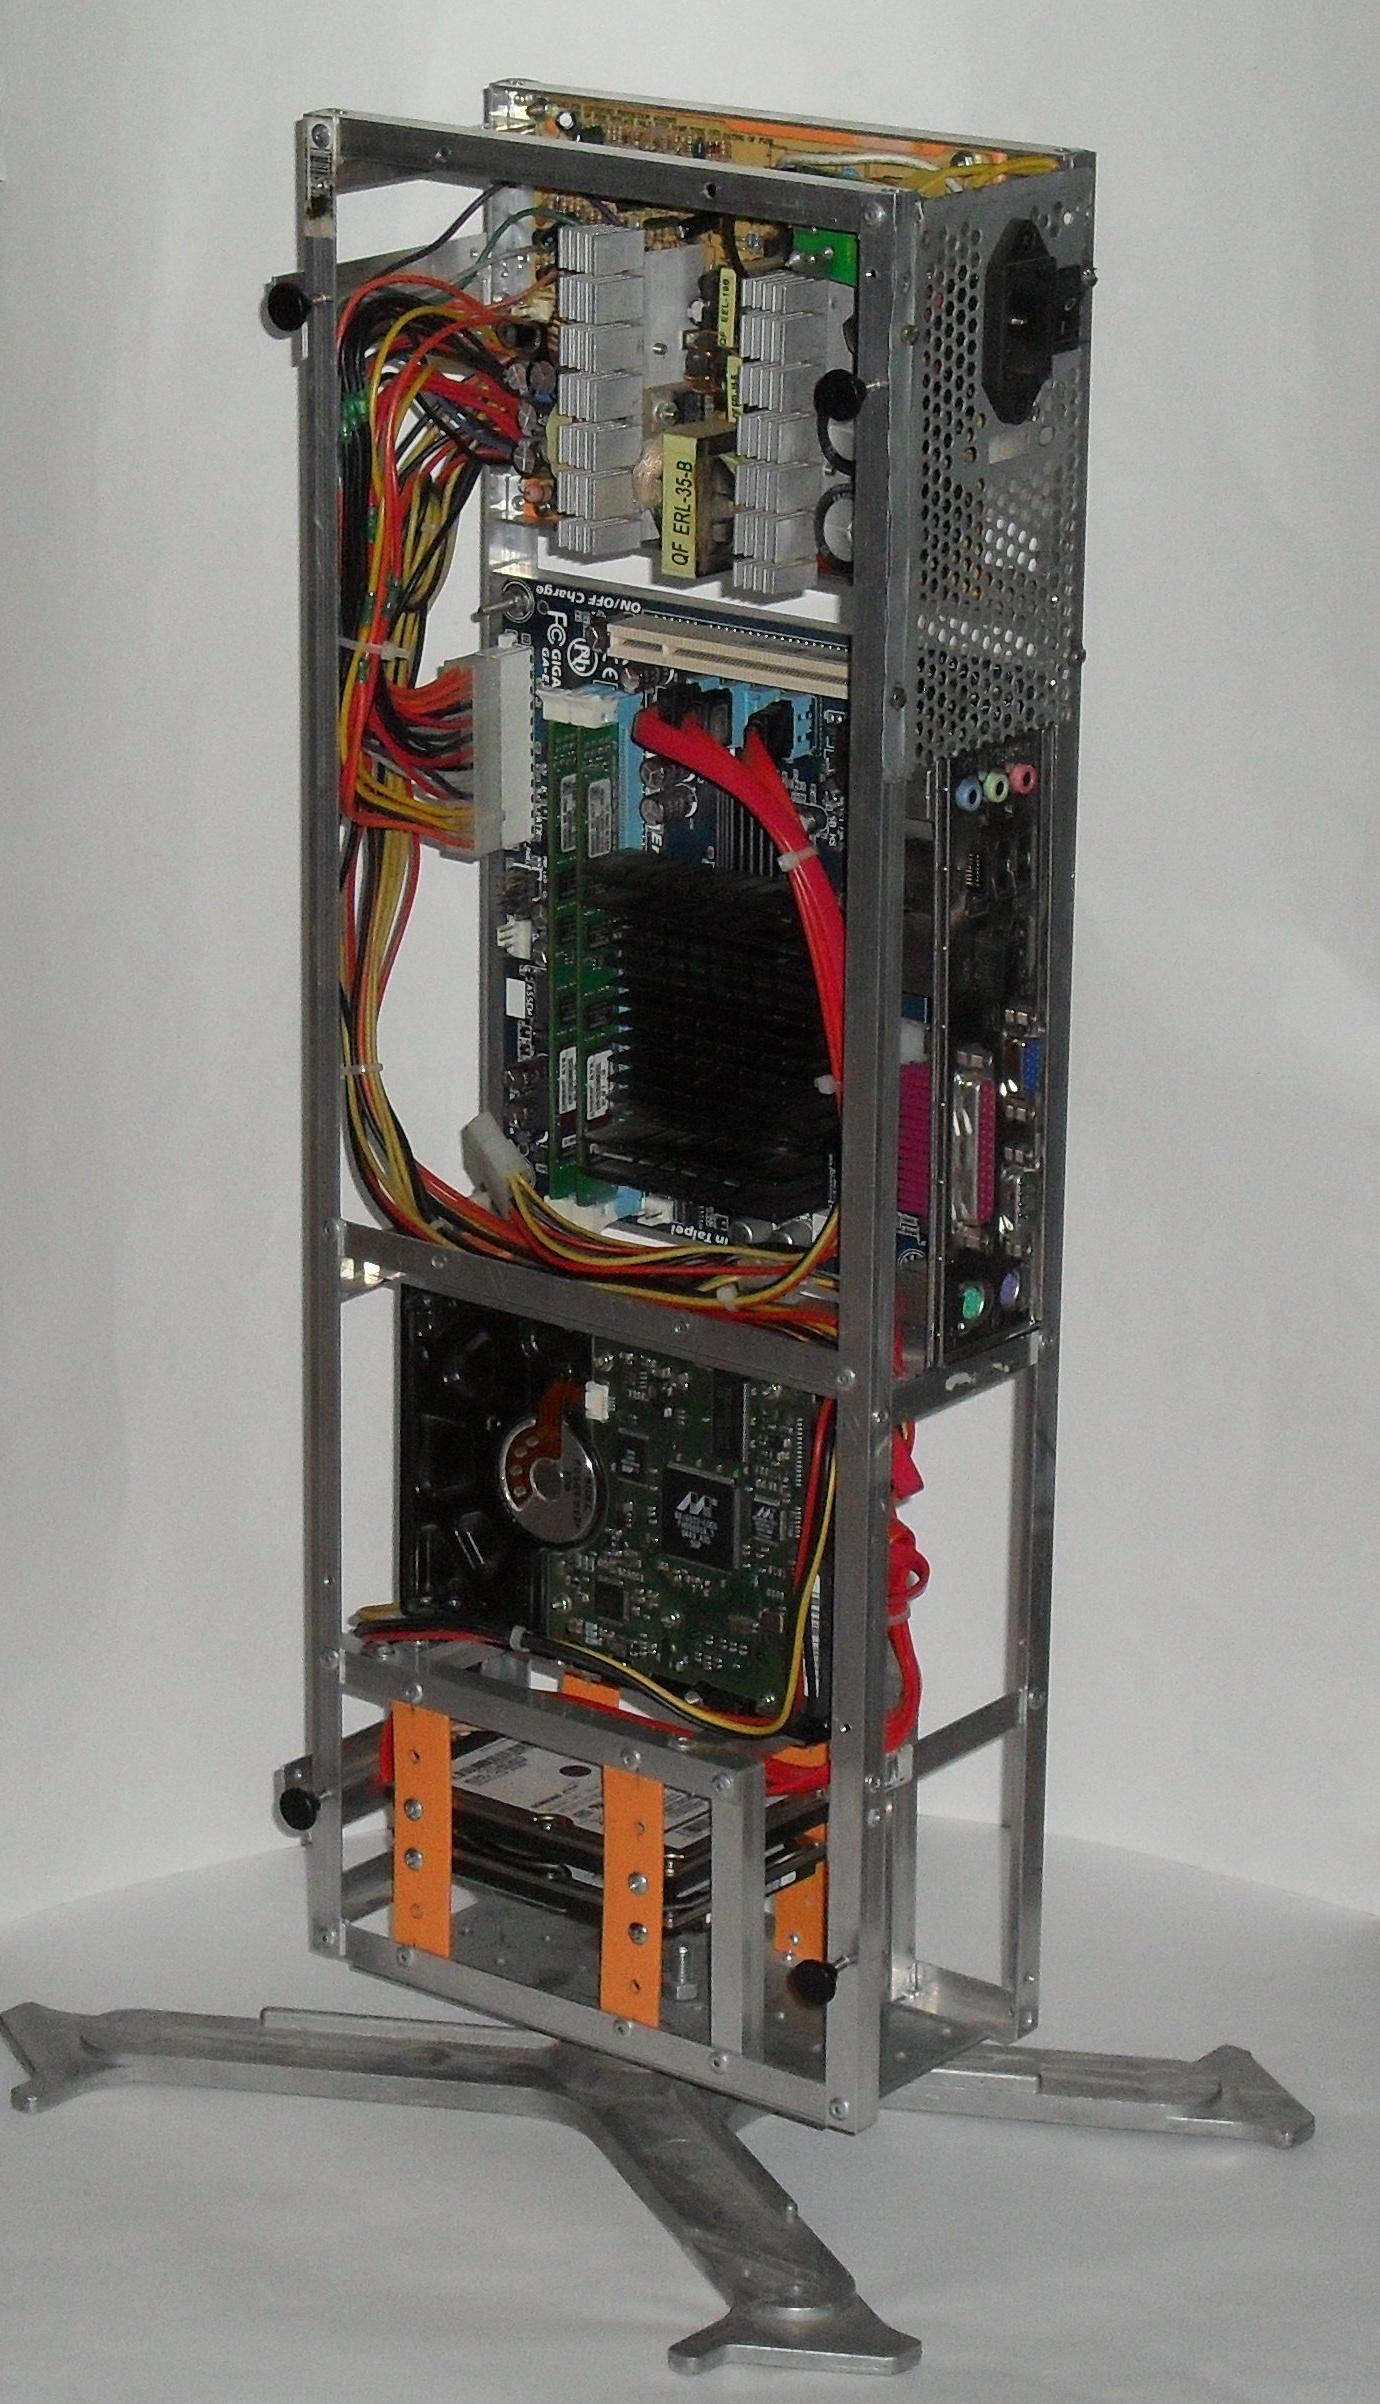 Еще один сервер из подручных средств с претензией на красоту - 22